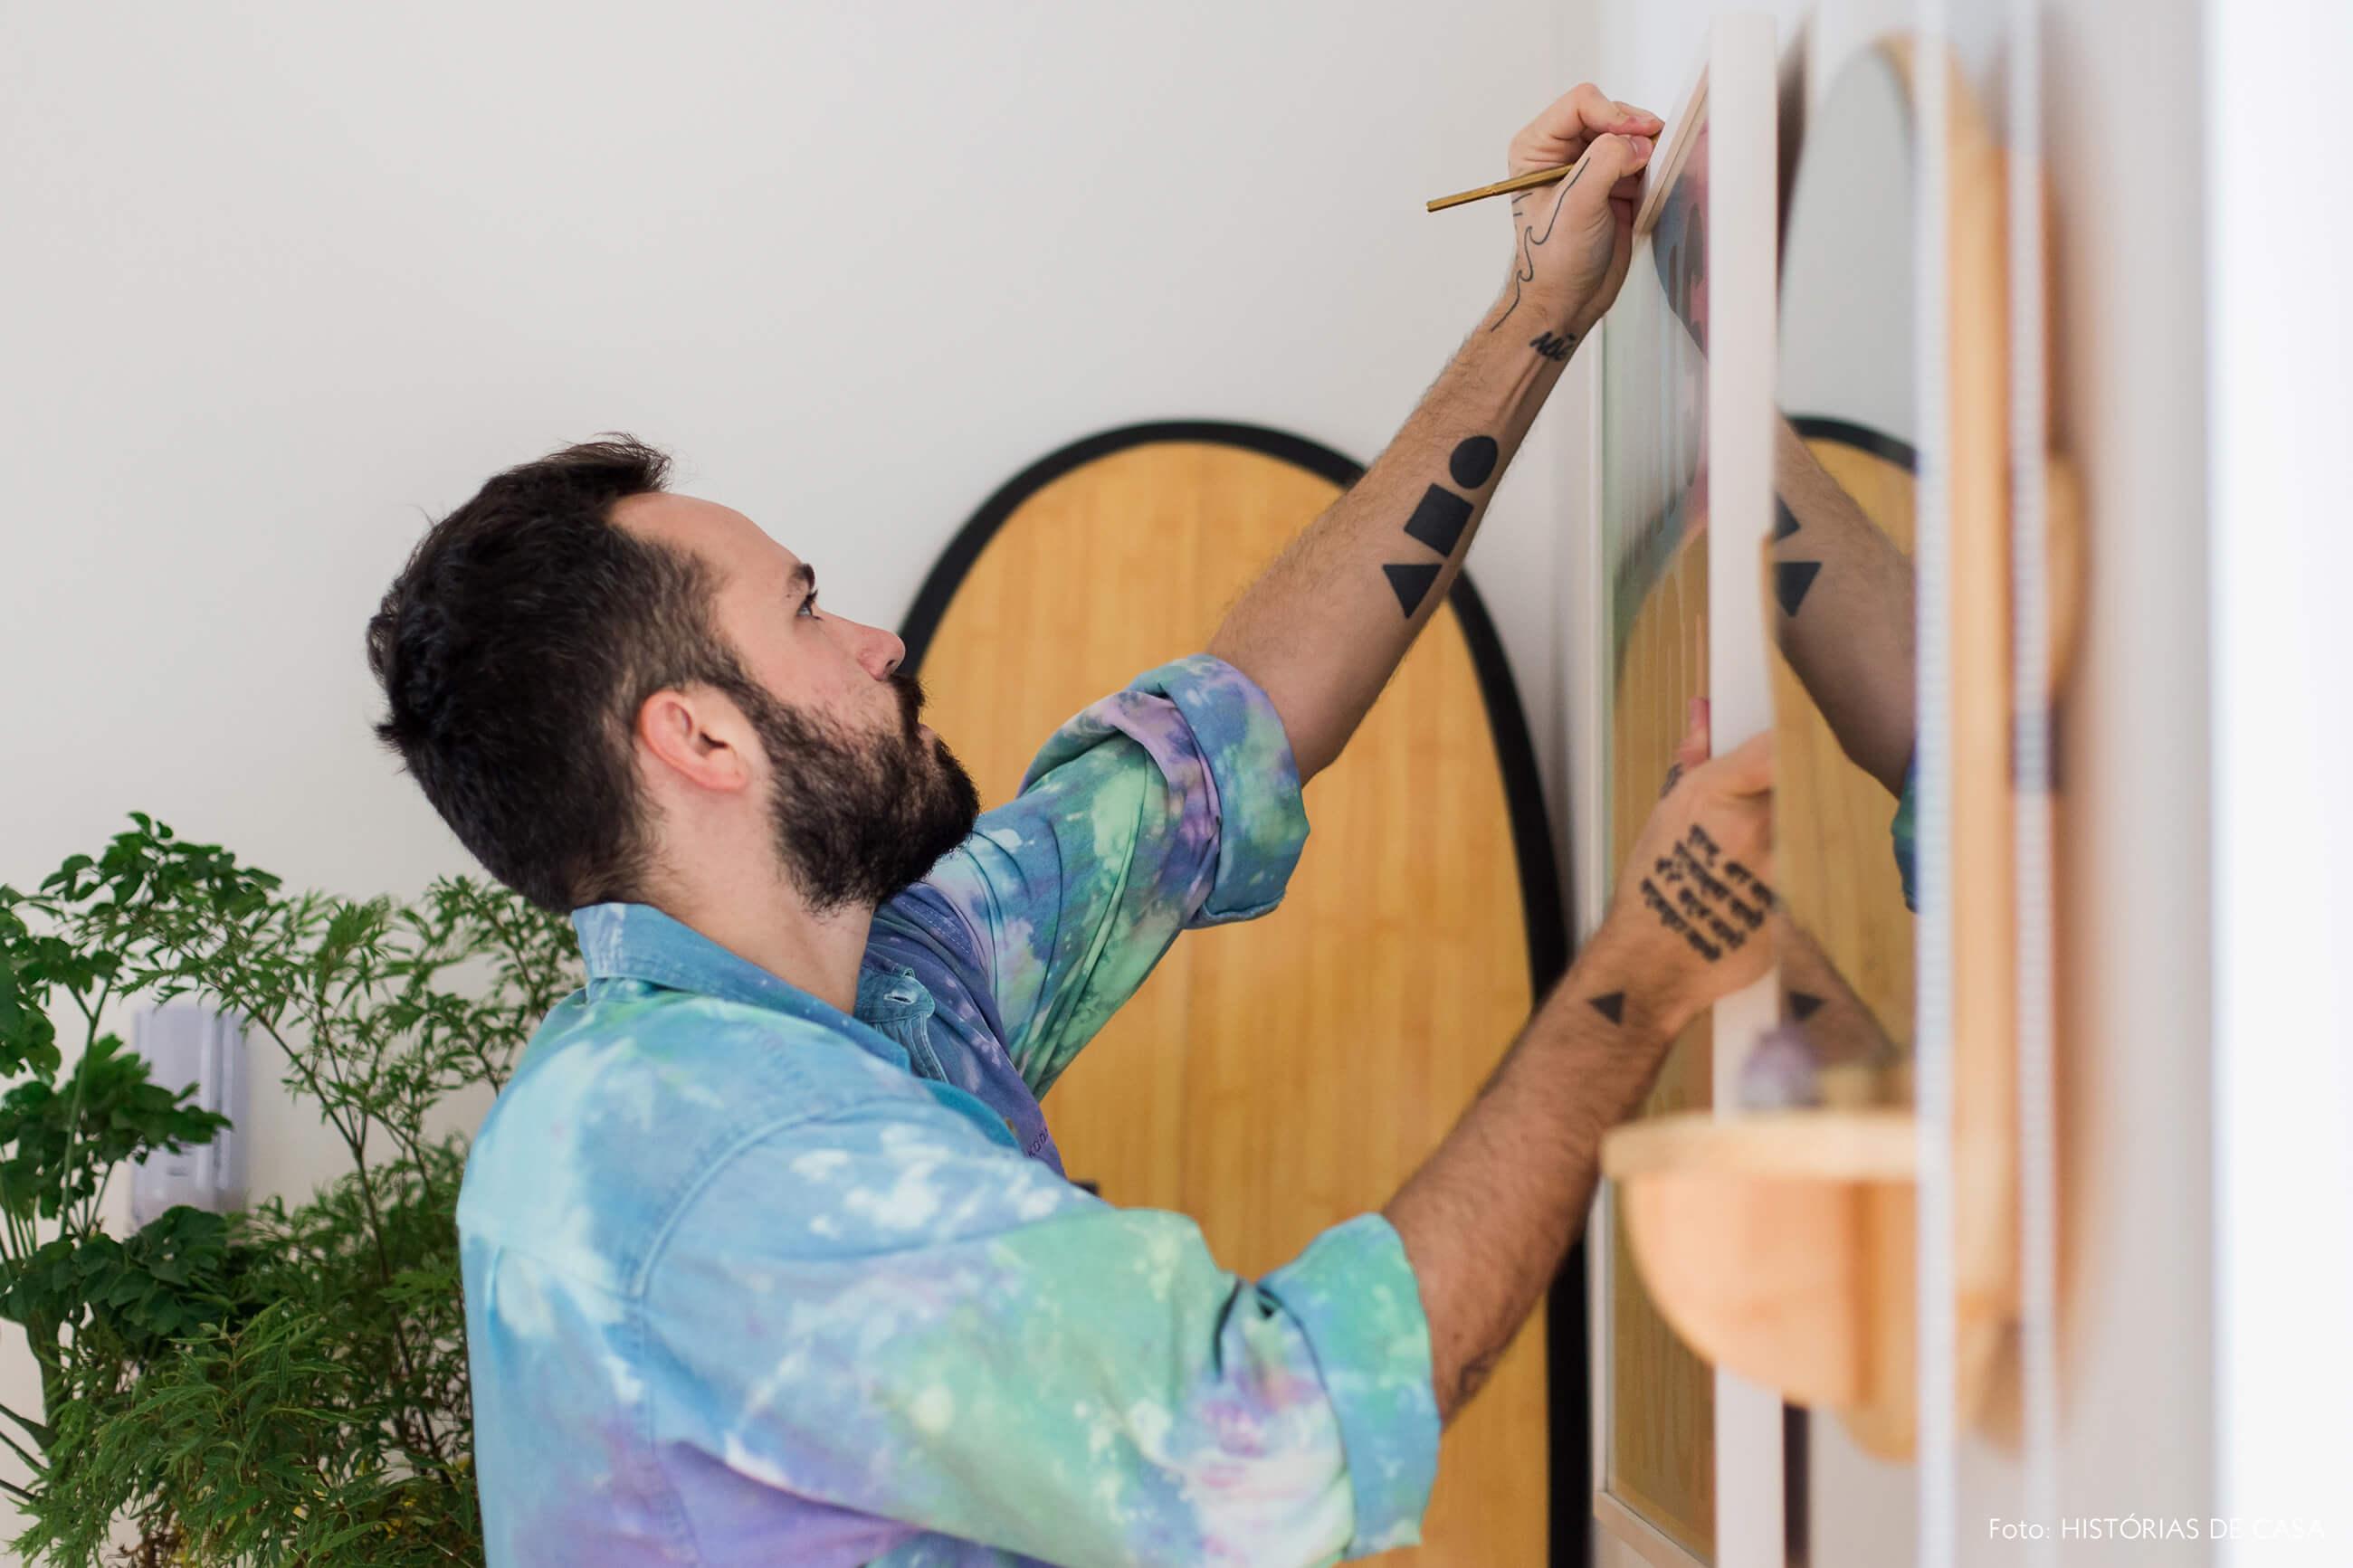 Felipe pendurando quadros na parede